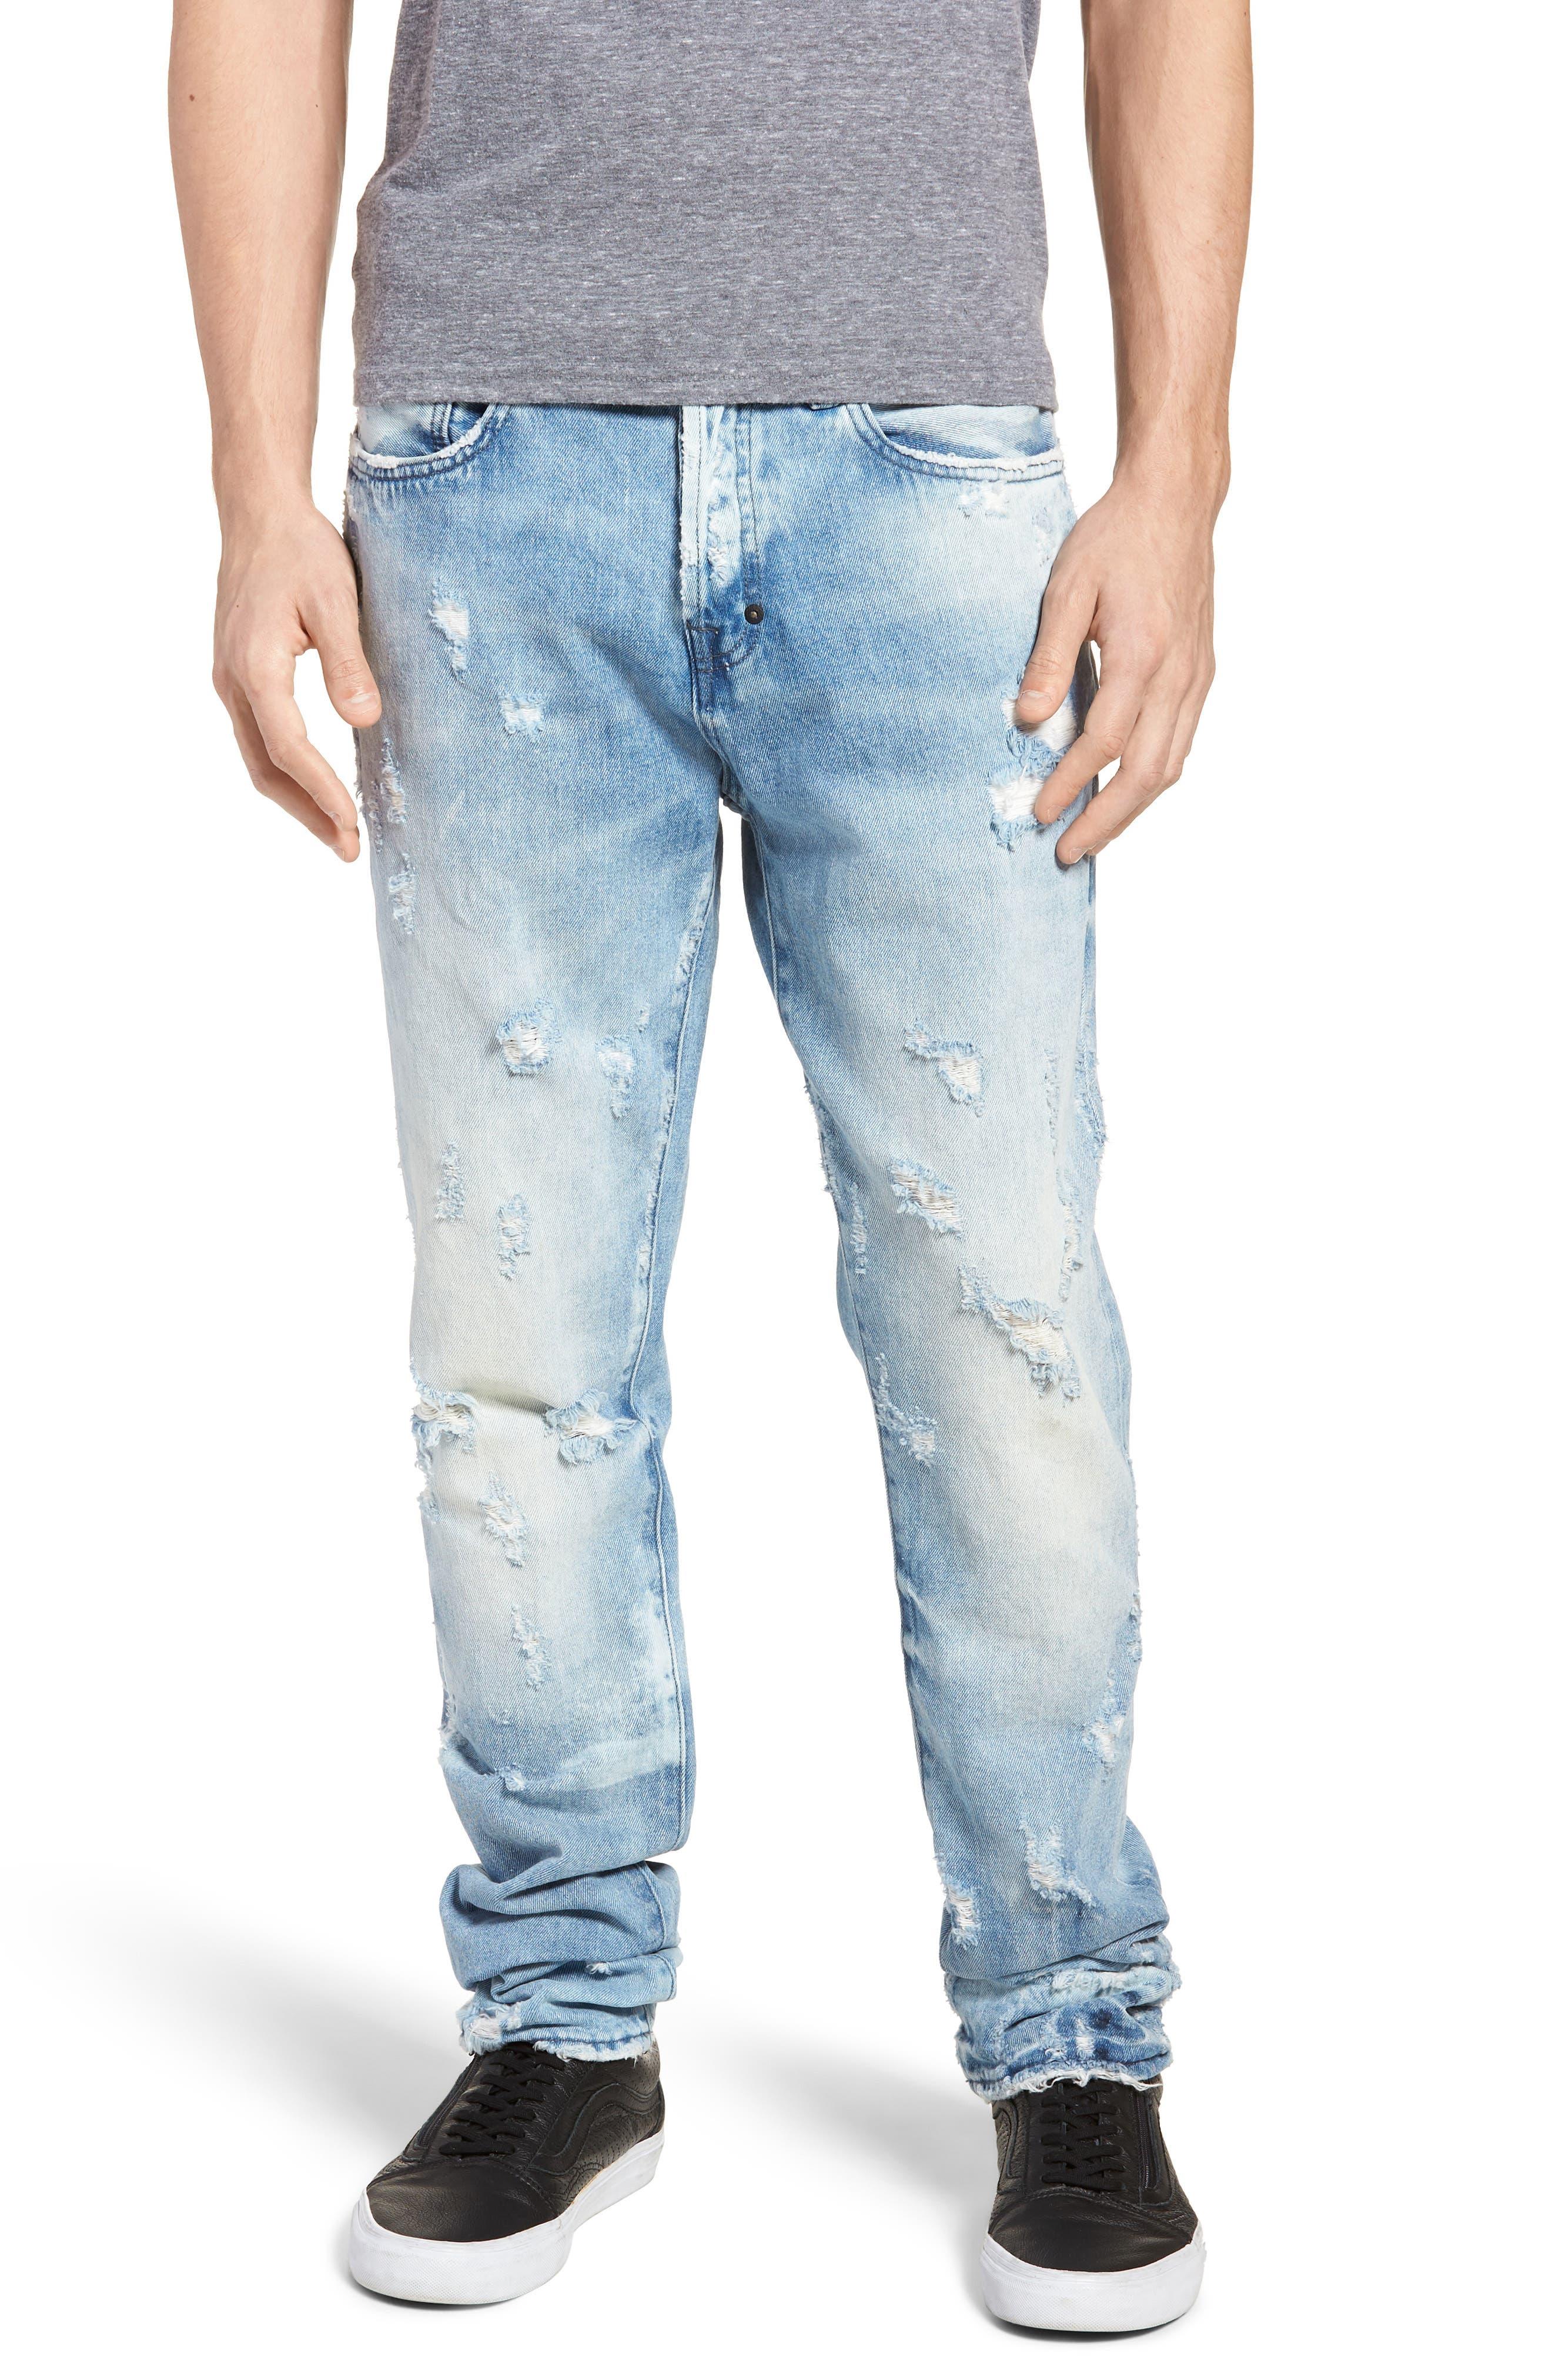 Le Sabre Slim Fit Jeans,                             Main thumbnail 1, color,                             Tenderness